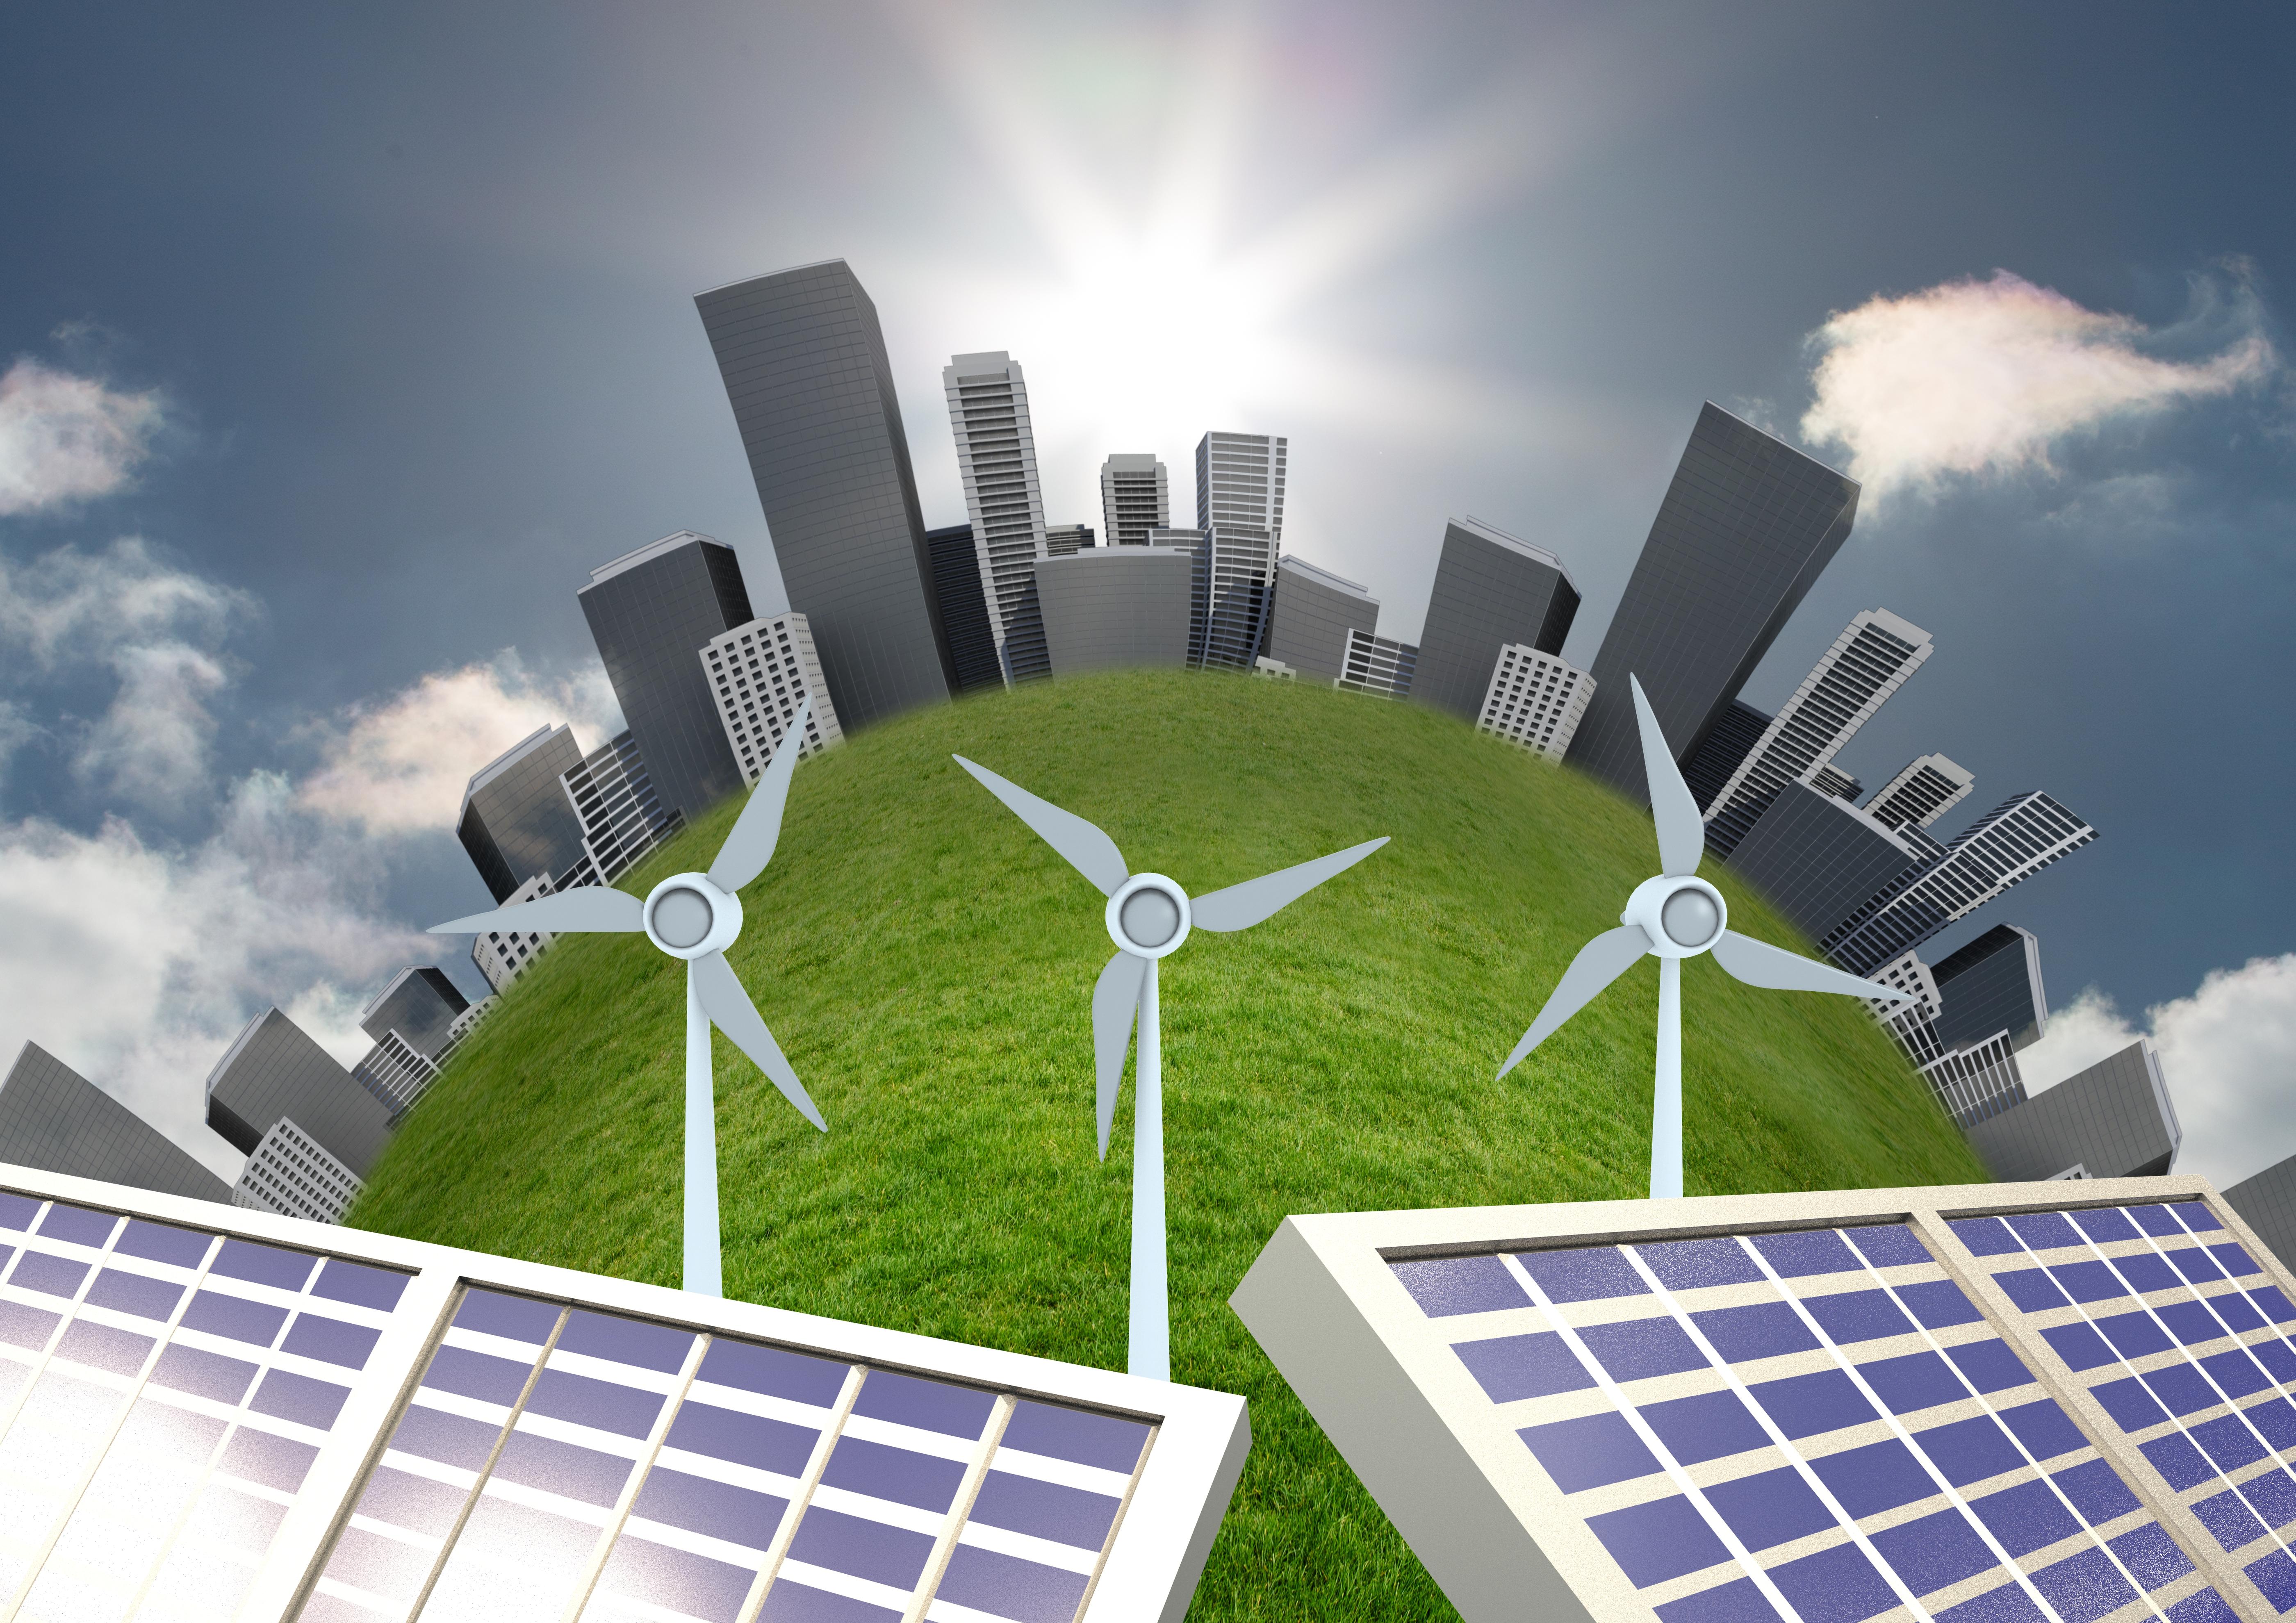 immagine grafica per rievocare mondo e fonti rinnovabili come fotovoltaico ed eolico